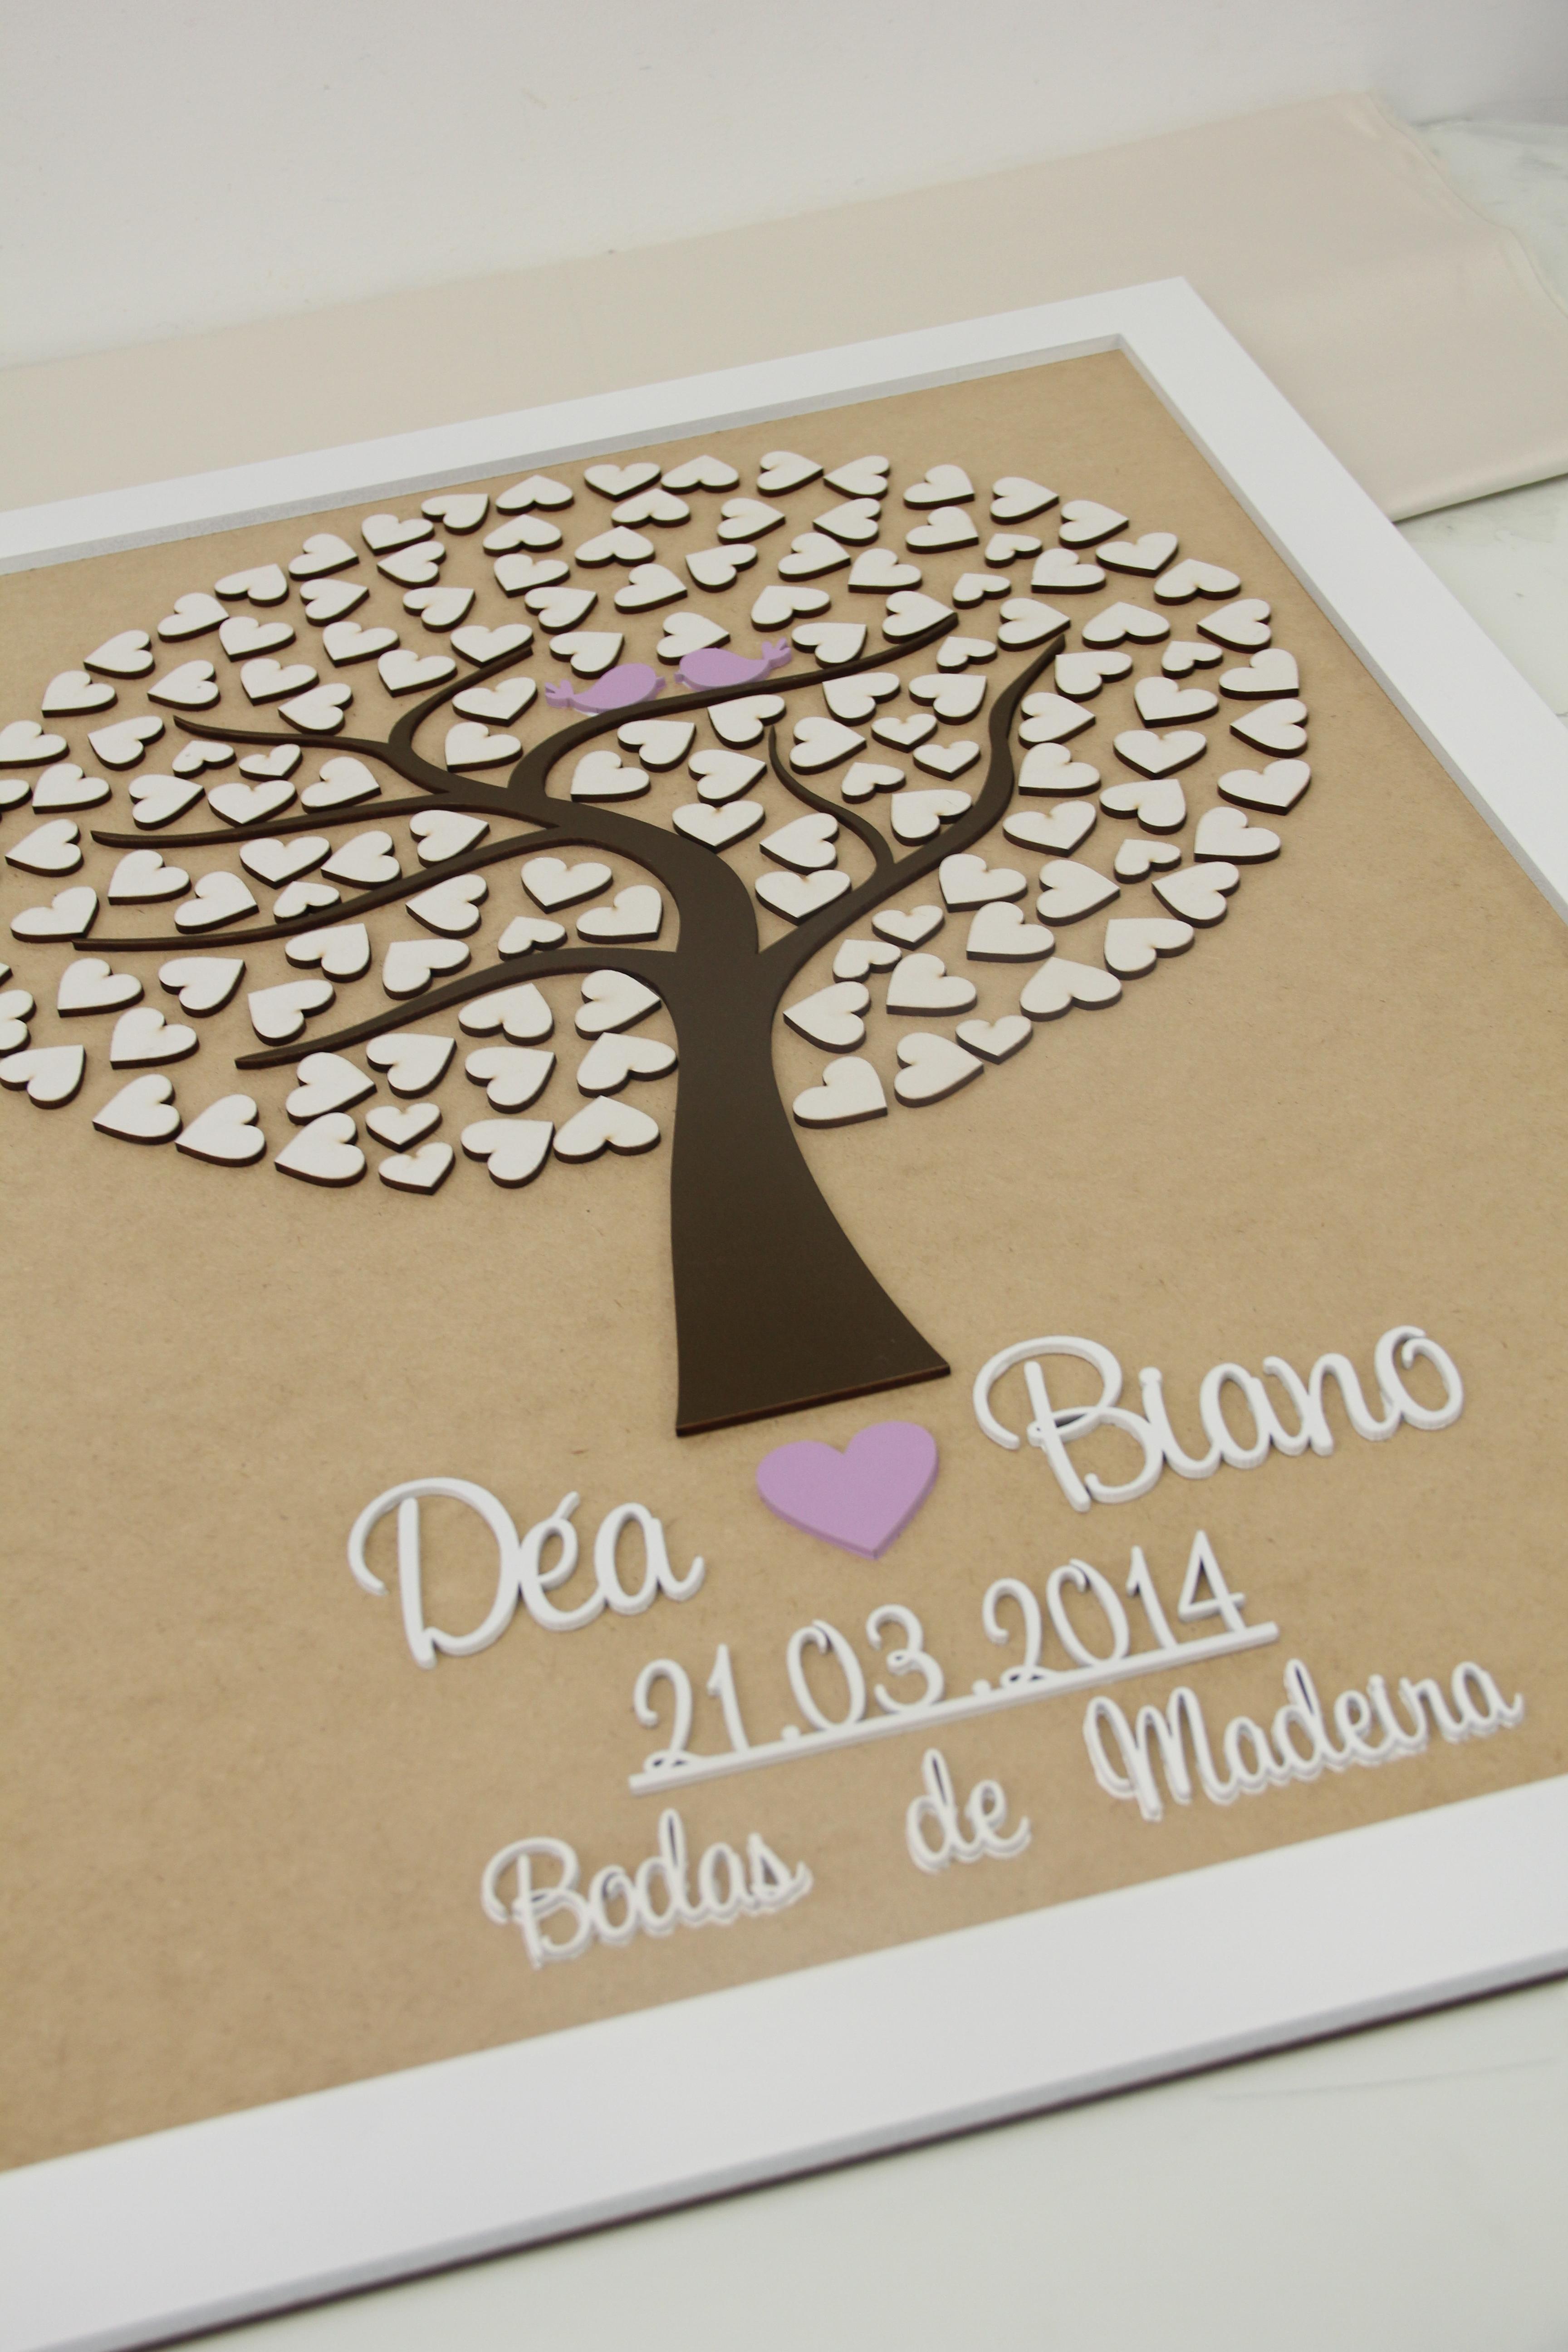 bodas de madeira casamento bodas de madeira bodas de madeira bodas de  #3D2E21 3456x5184